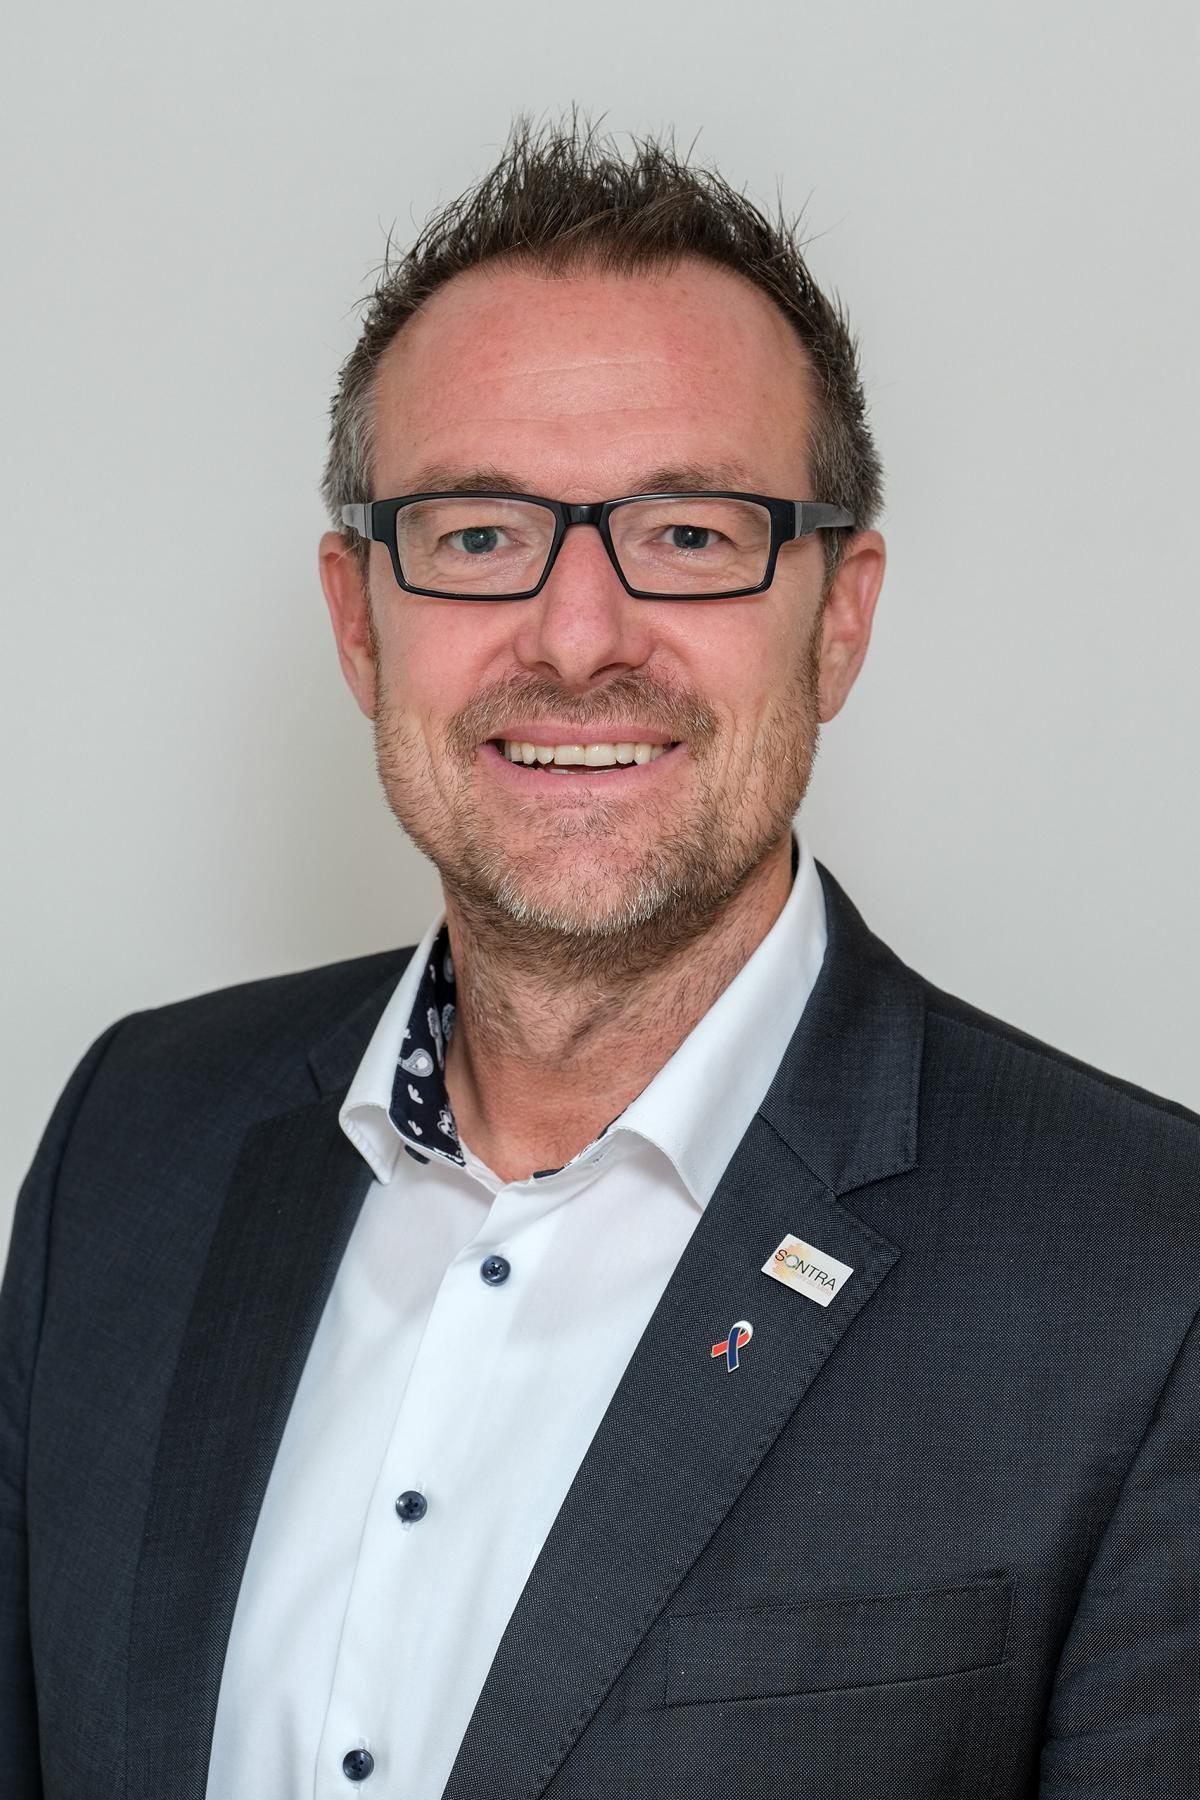 Bürgermeister Thomas Eckhardt 2020